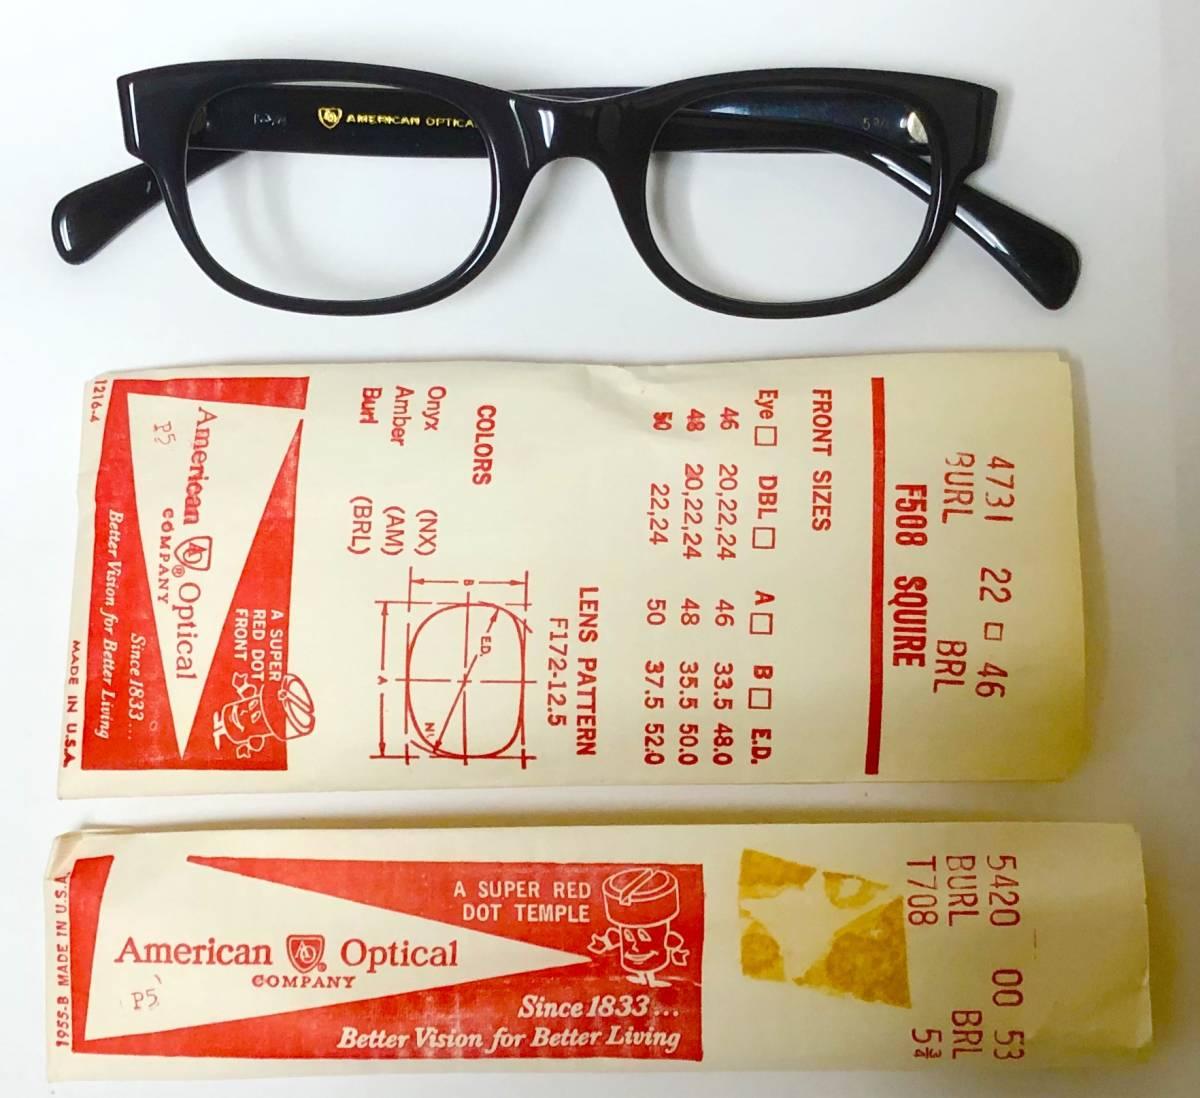 新品・1960年代頃】アメリカンオプティカル All純正 AO メガネ American Optical 米国製 ビンテージ ヴィンテージ_画像1